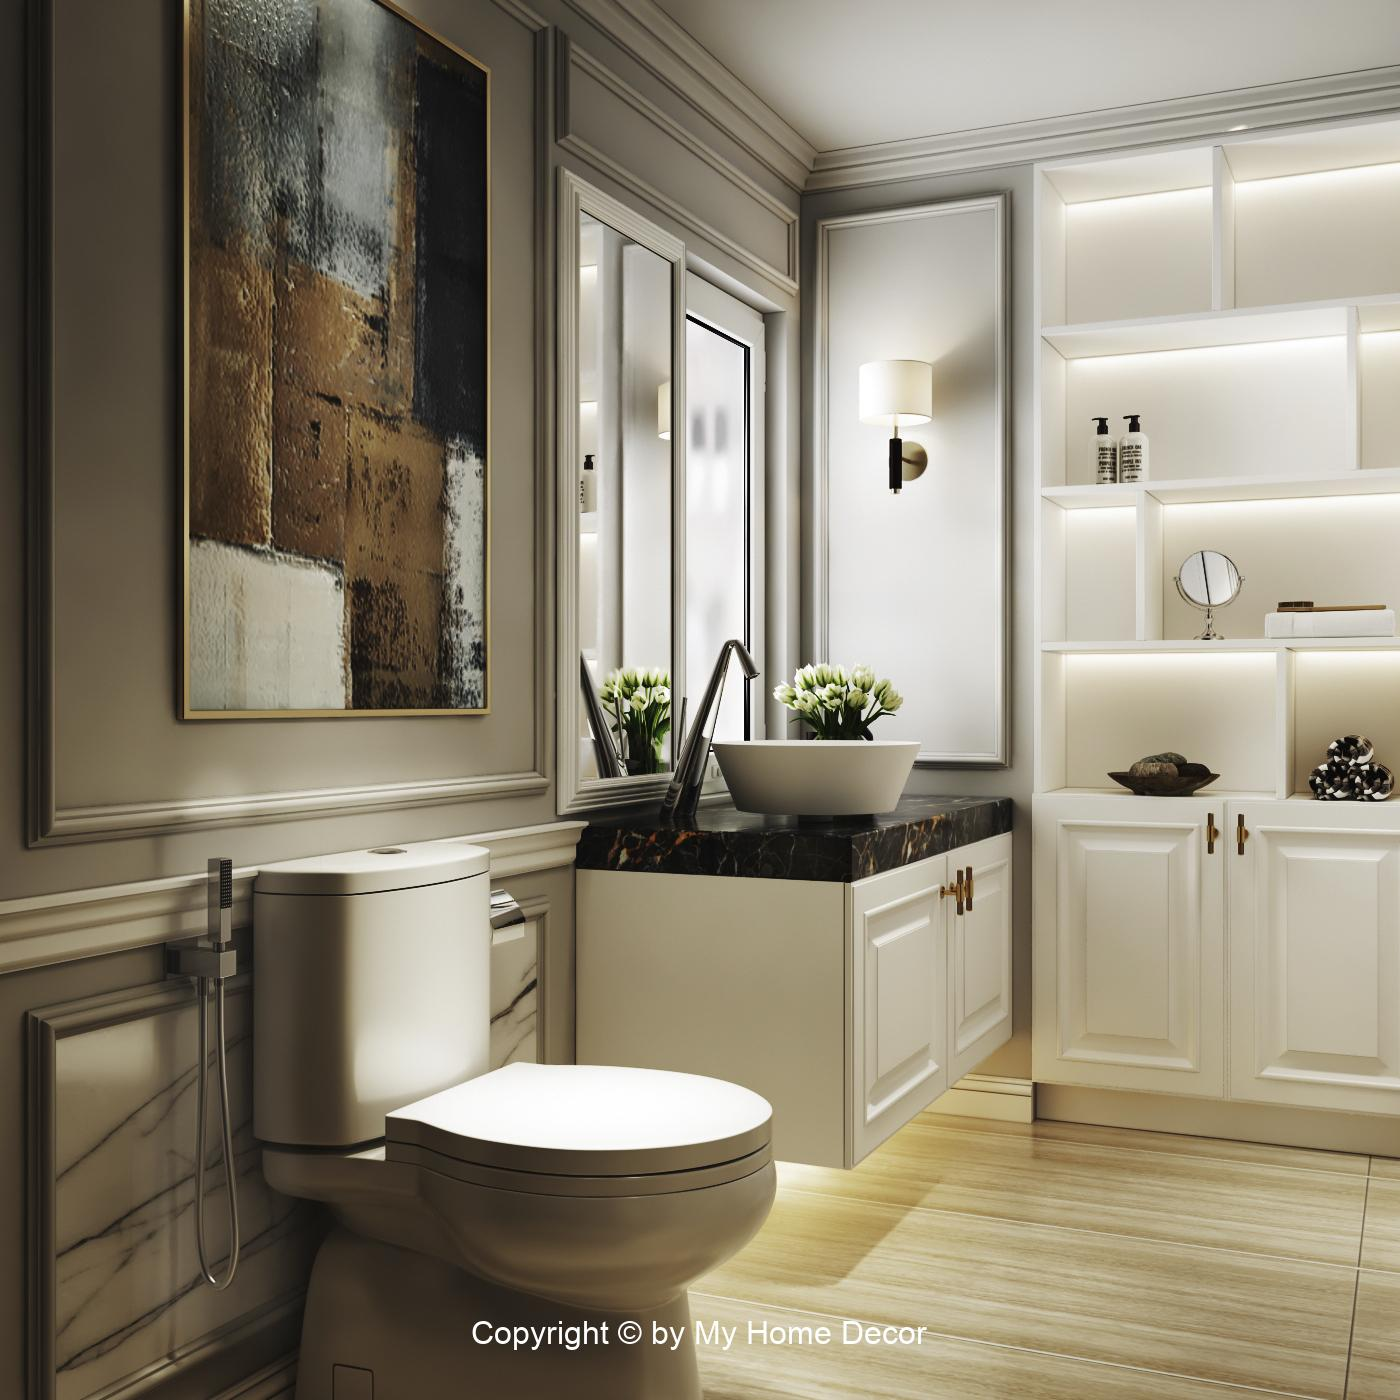 Mẫu thiết kế nhà vệ sinh - Hình 4